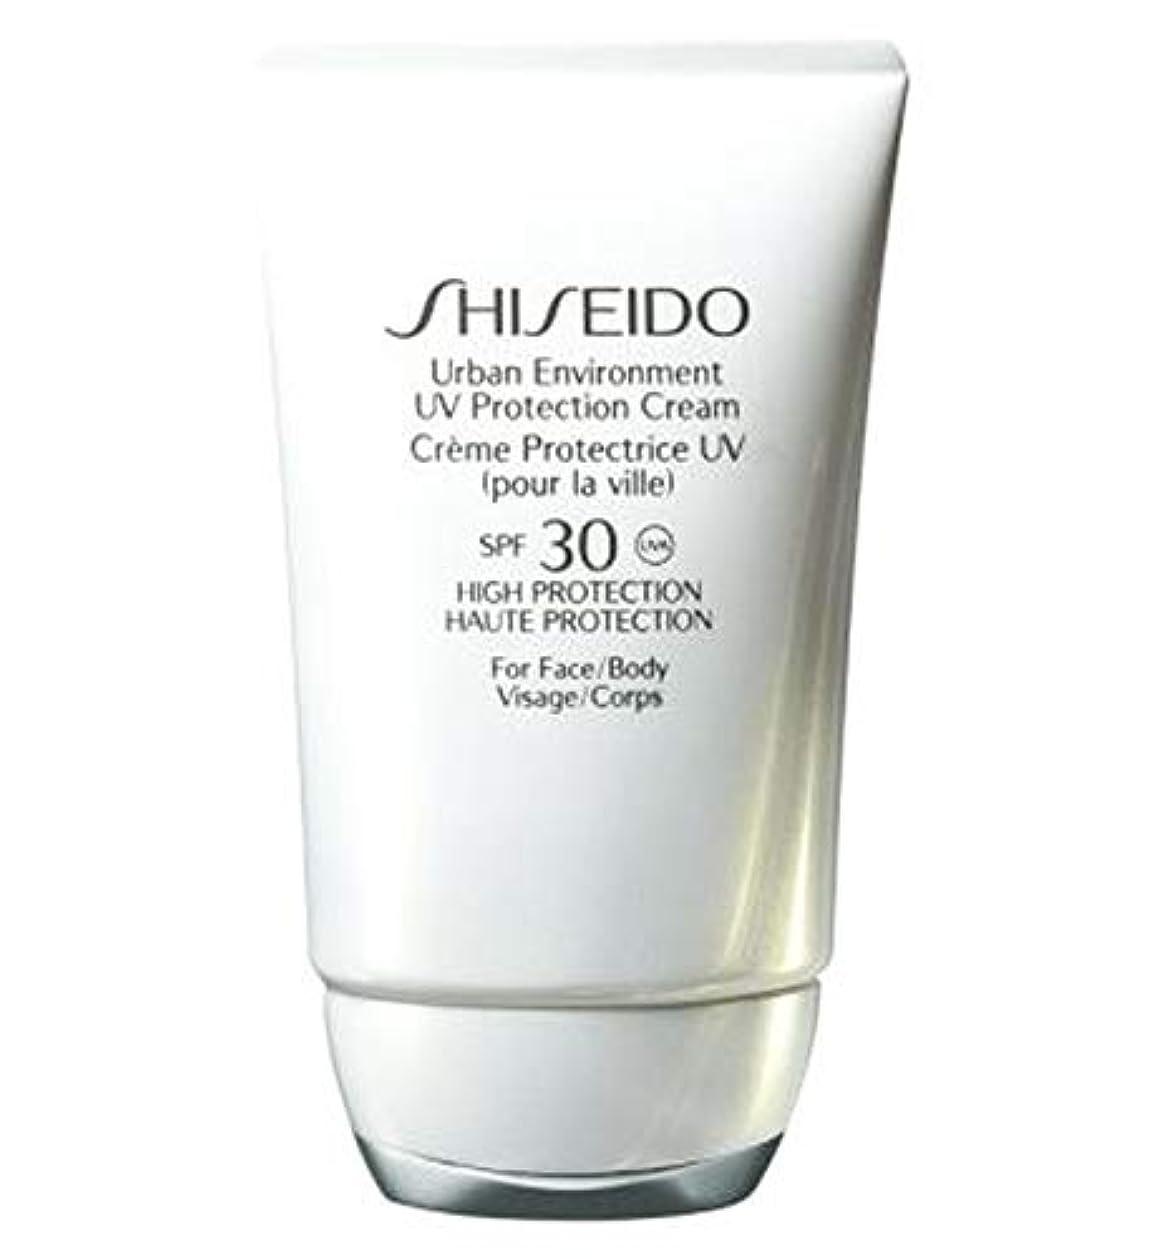 赤外線ペナルティオリエント[Shiseido] 資生堂都市環境保護クリームSpf30の50ミリリットル - Shiseido Urban Environment Protection Cream Spf30 50ml [並行輸入品]